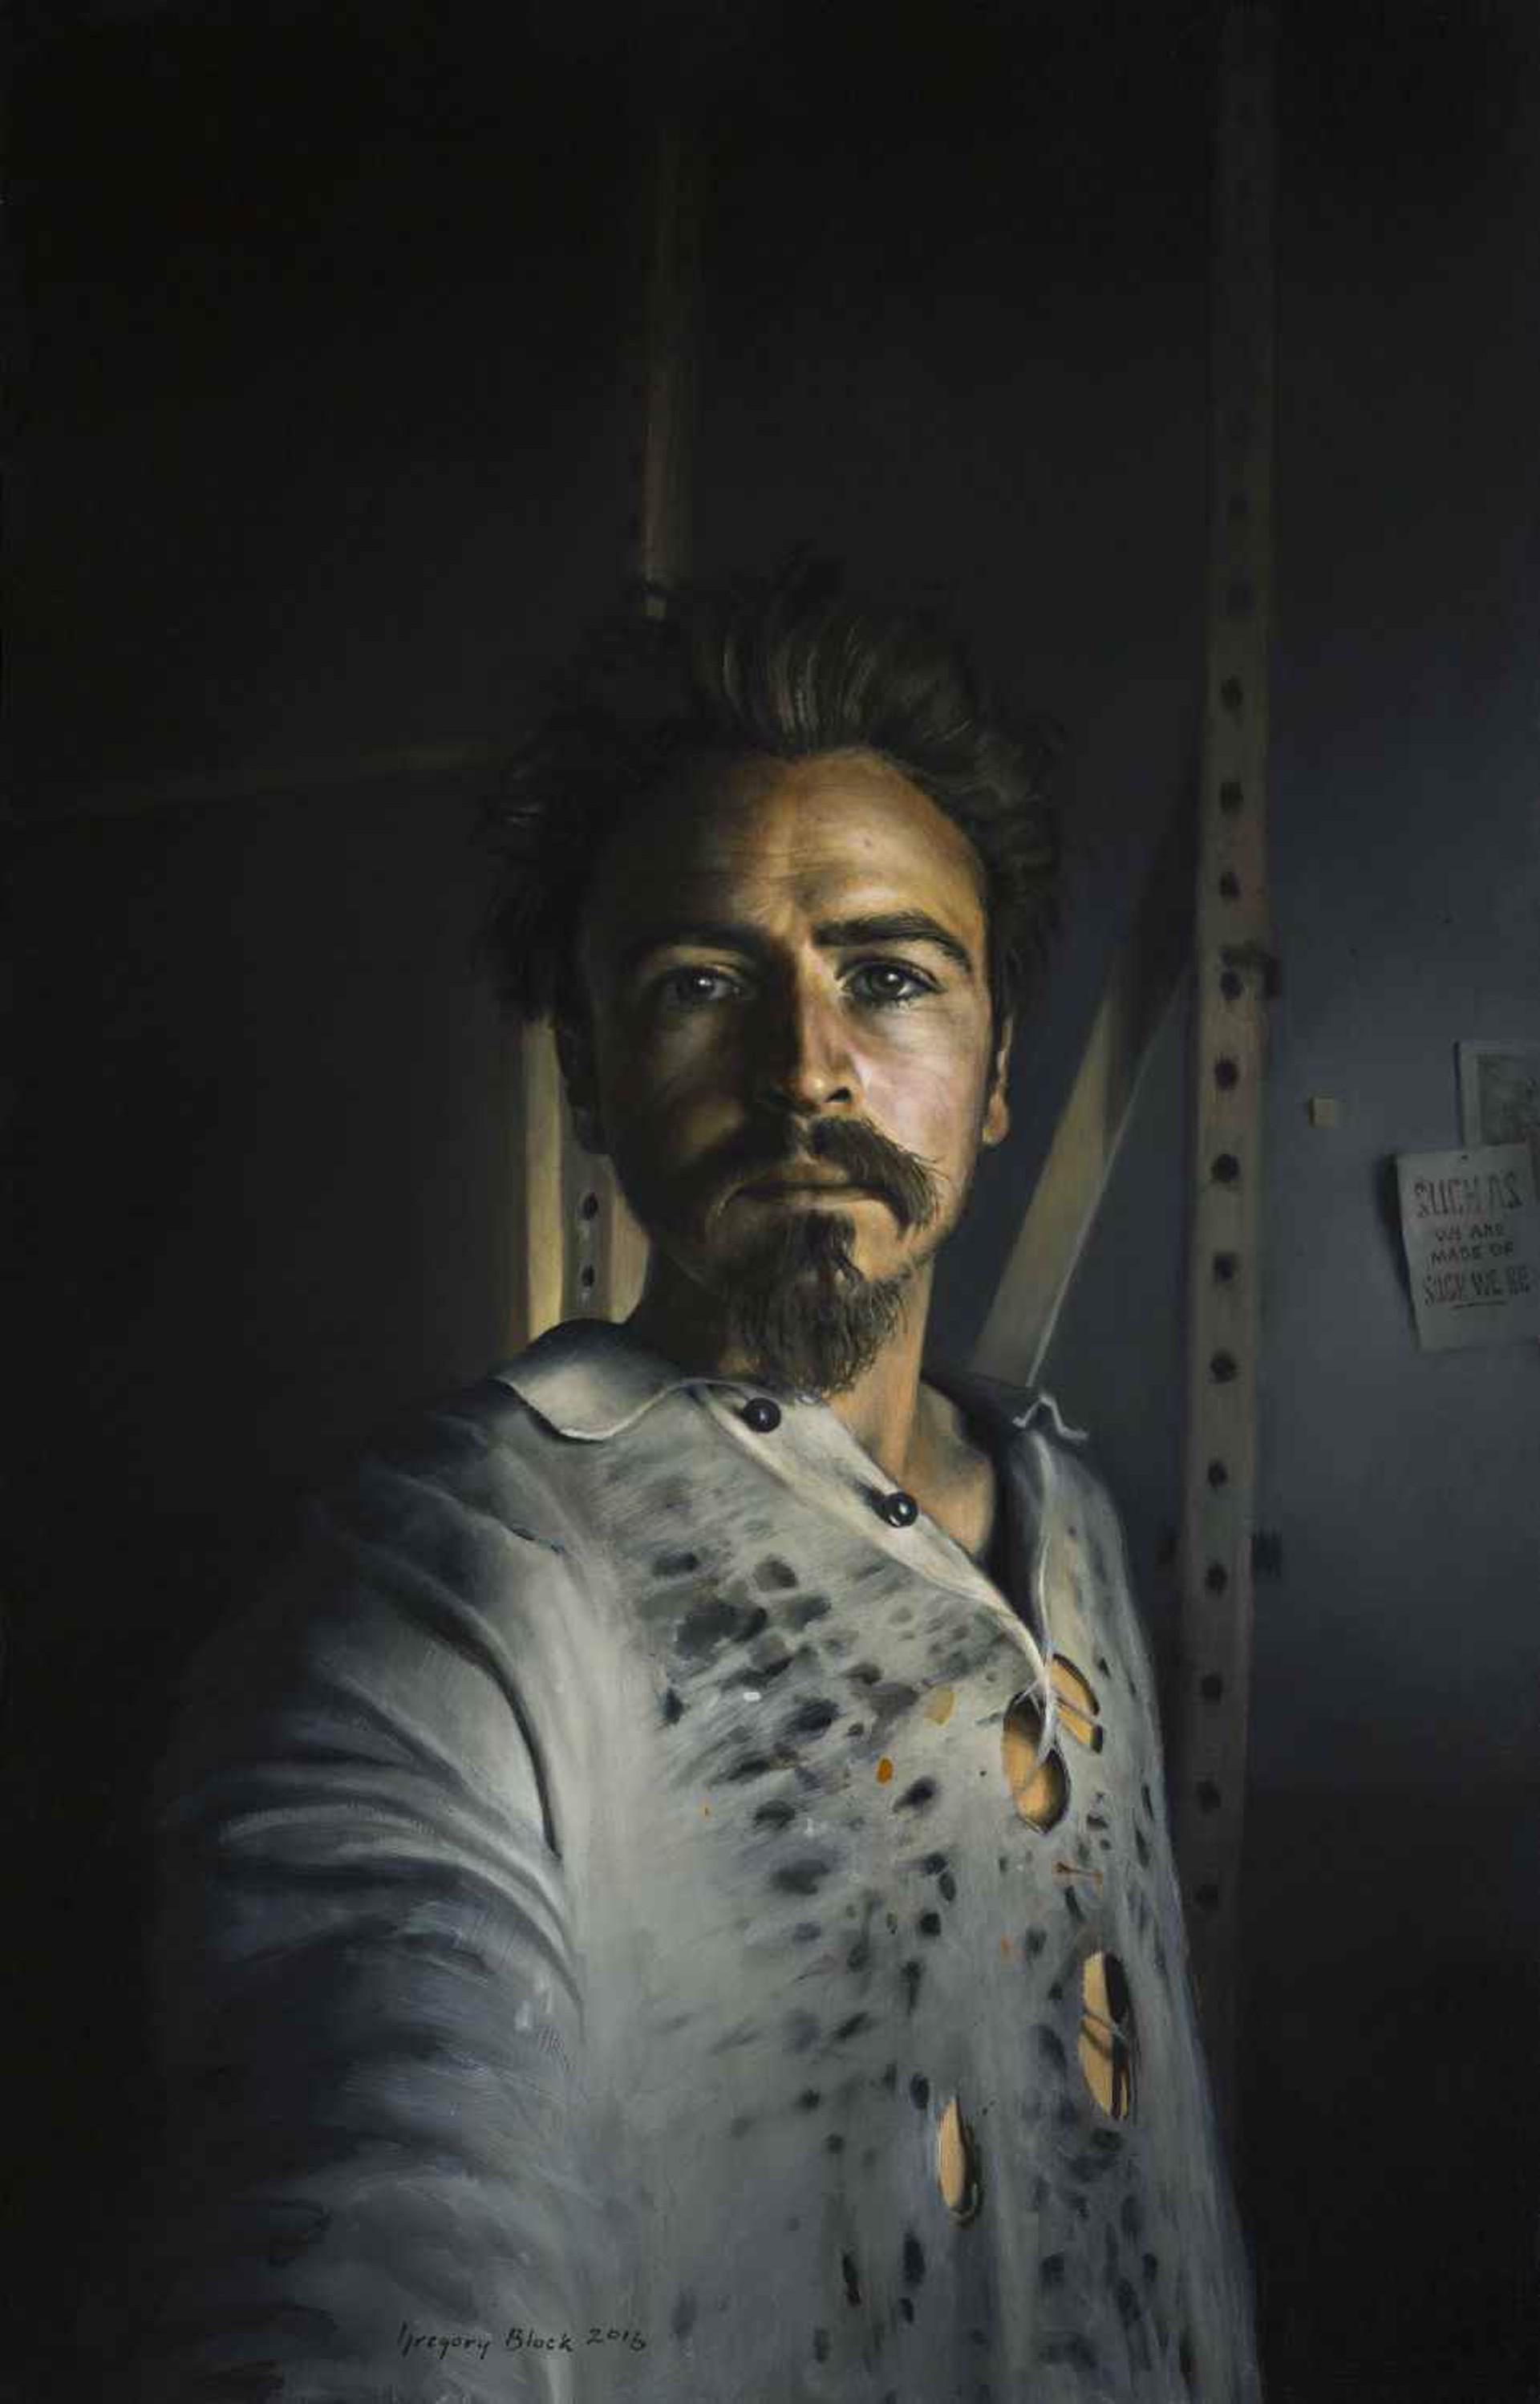 Self Portrait by Gregory Block